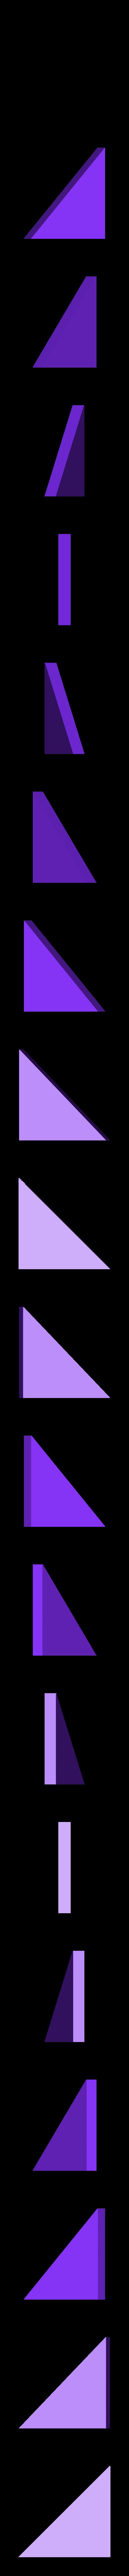 iqPuzzle1.STL Télécharger fichier STL gratuit Puzzle Assembler un rectangle de 4 pièces • Objet pour impression 3D, Cerega